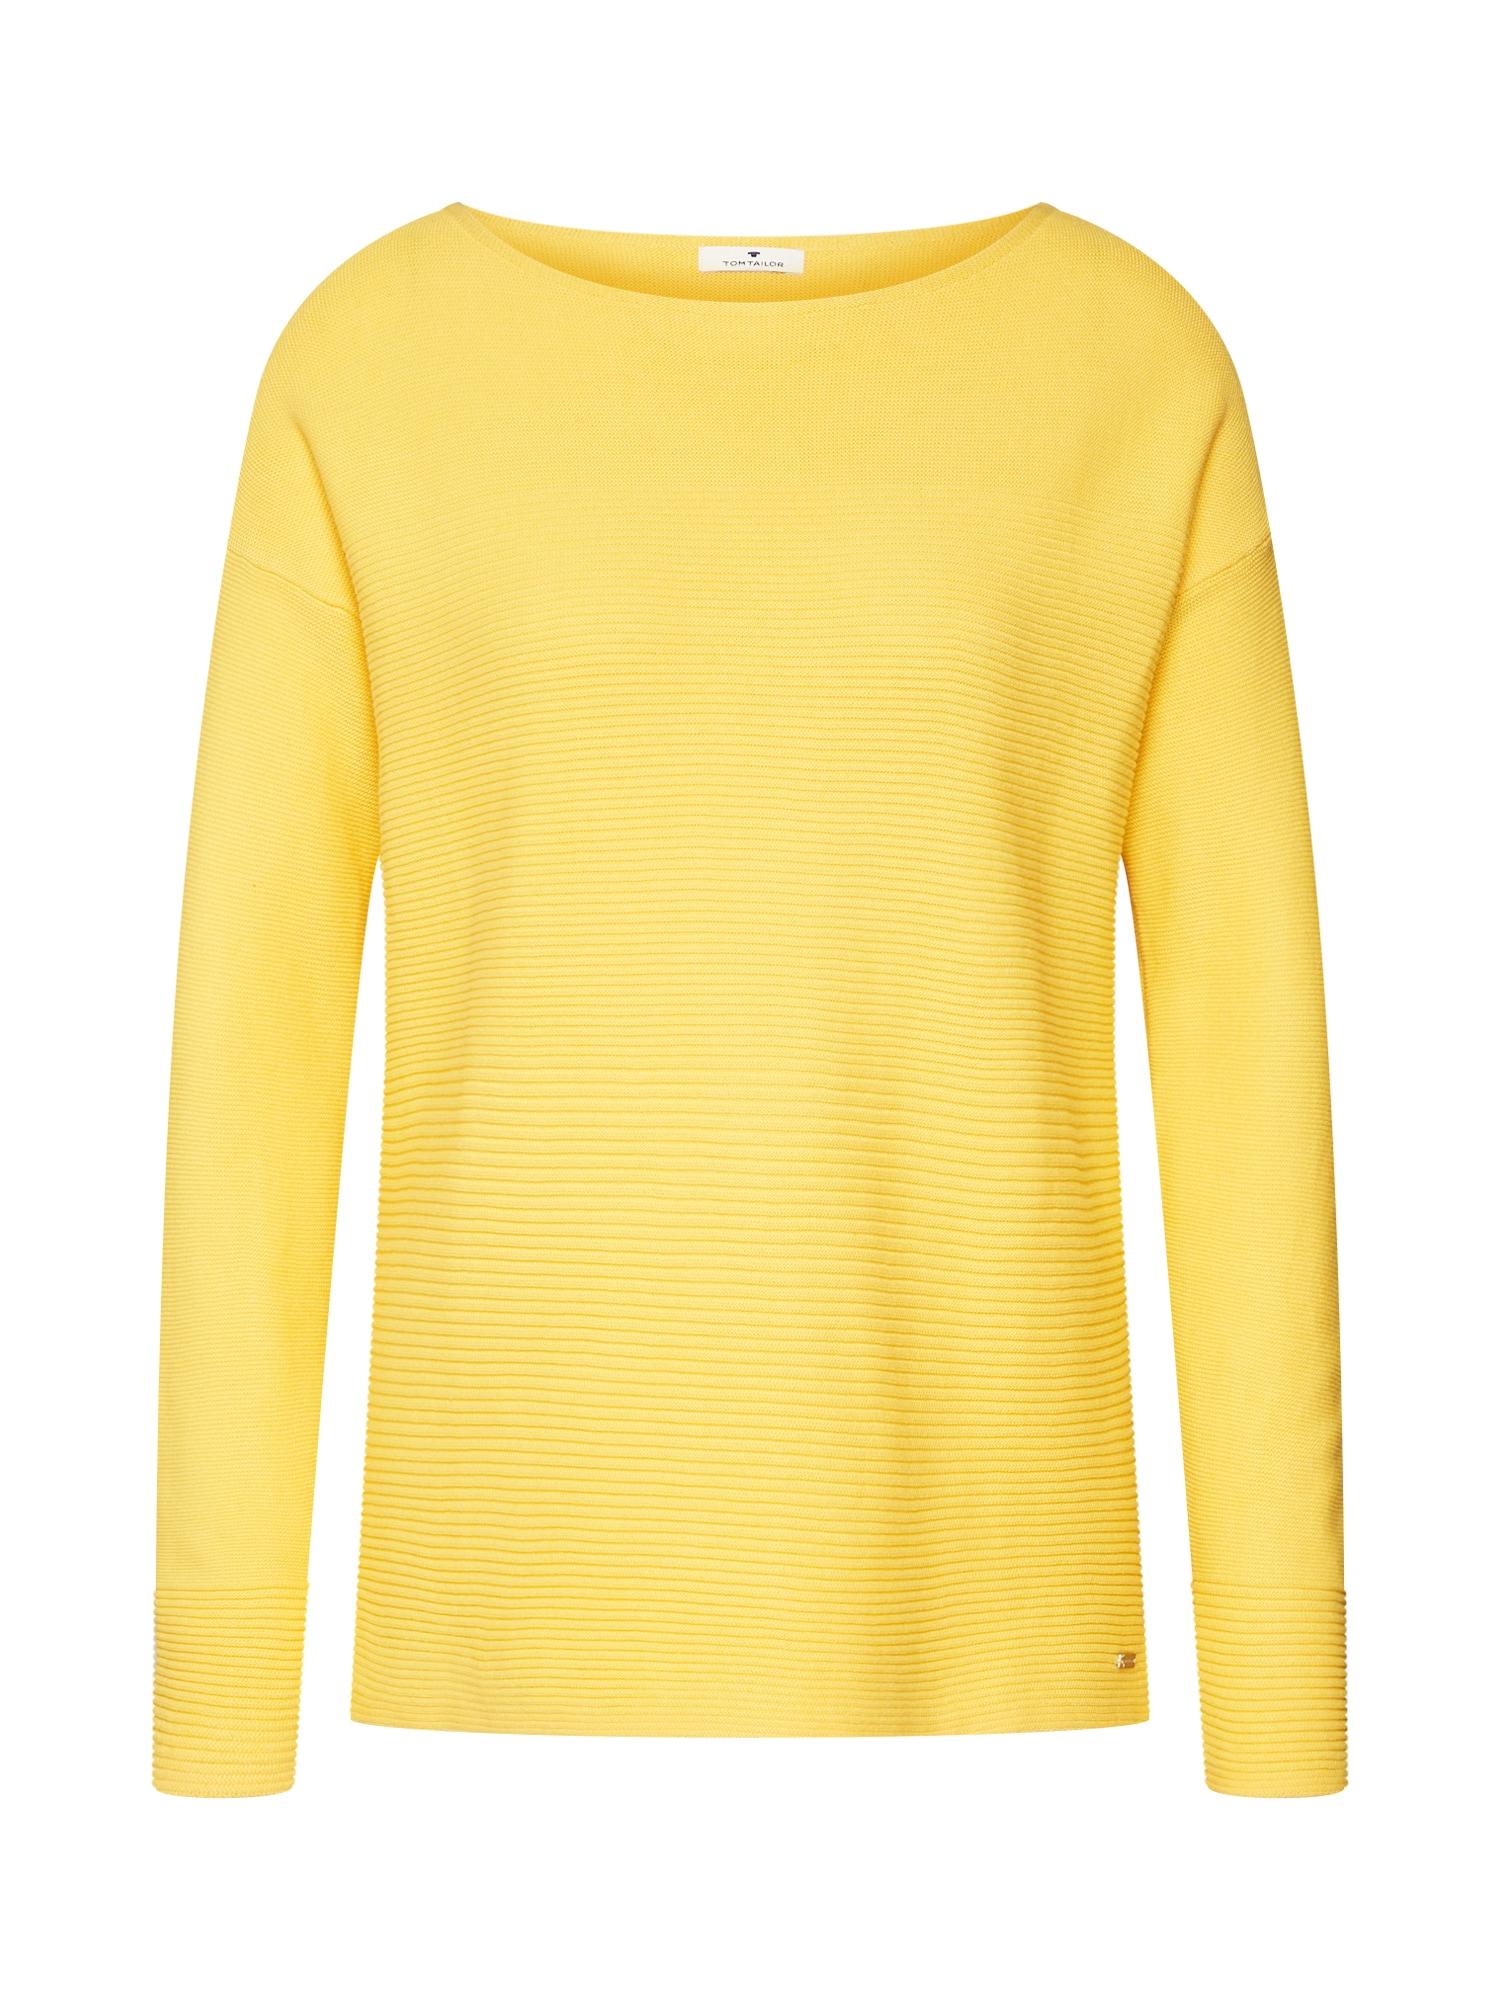 TOM TAILOR, Dames Sweatshirt, geel